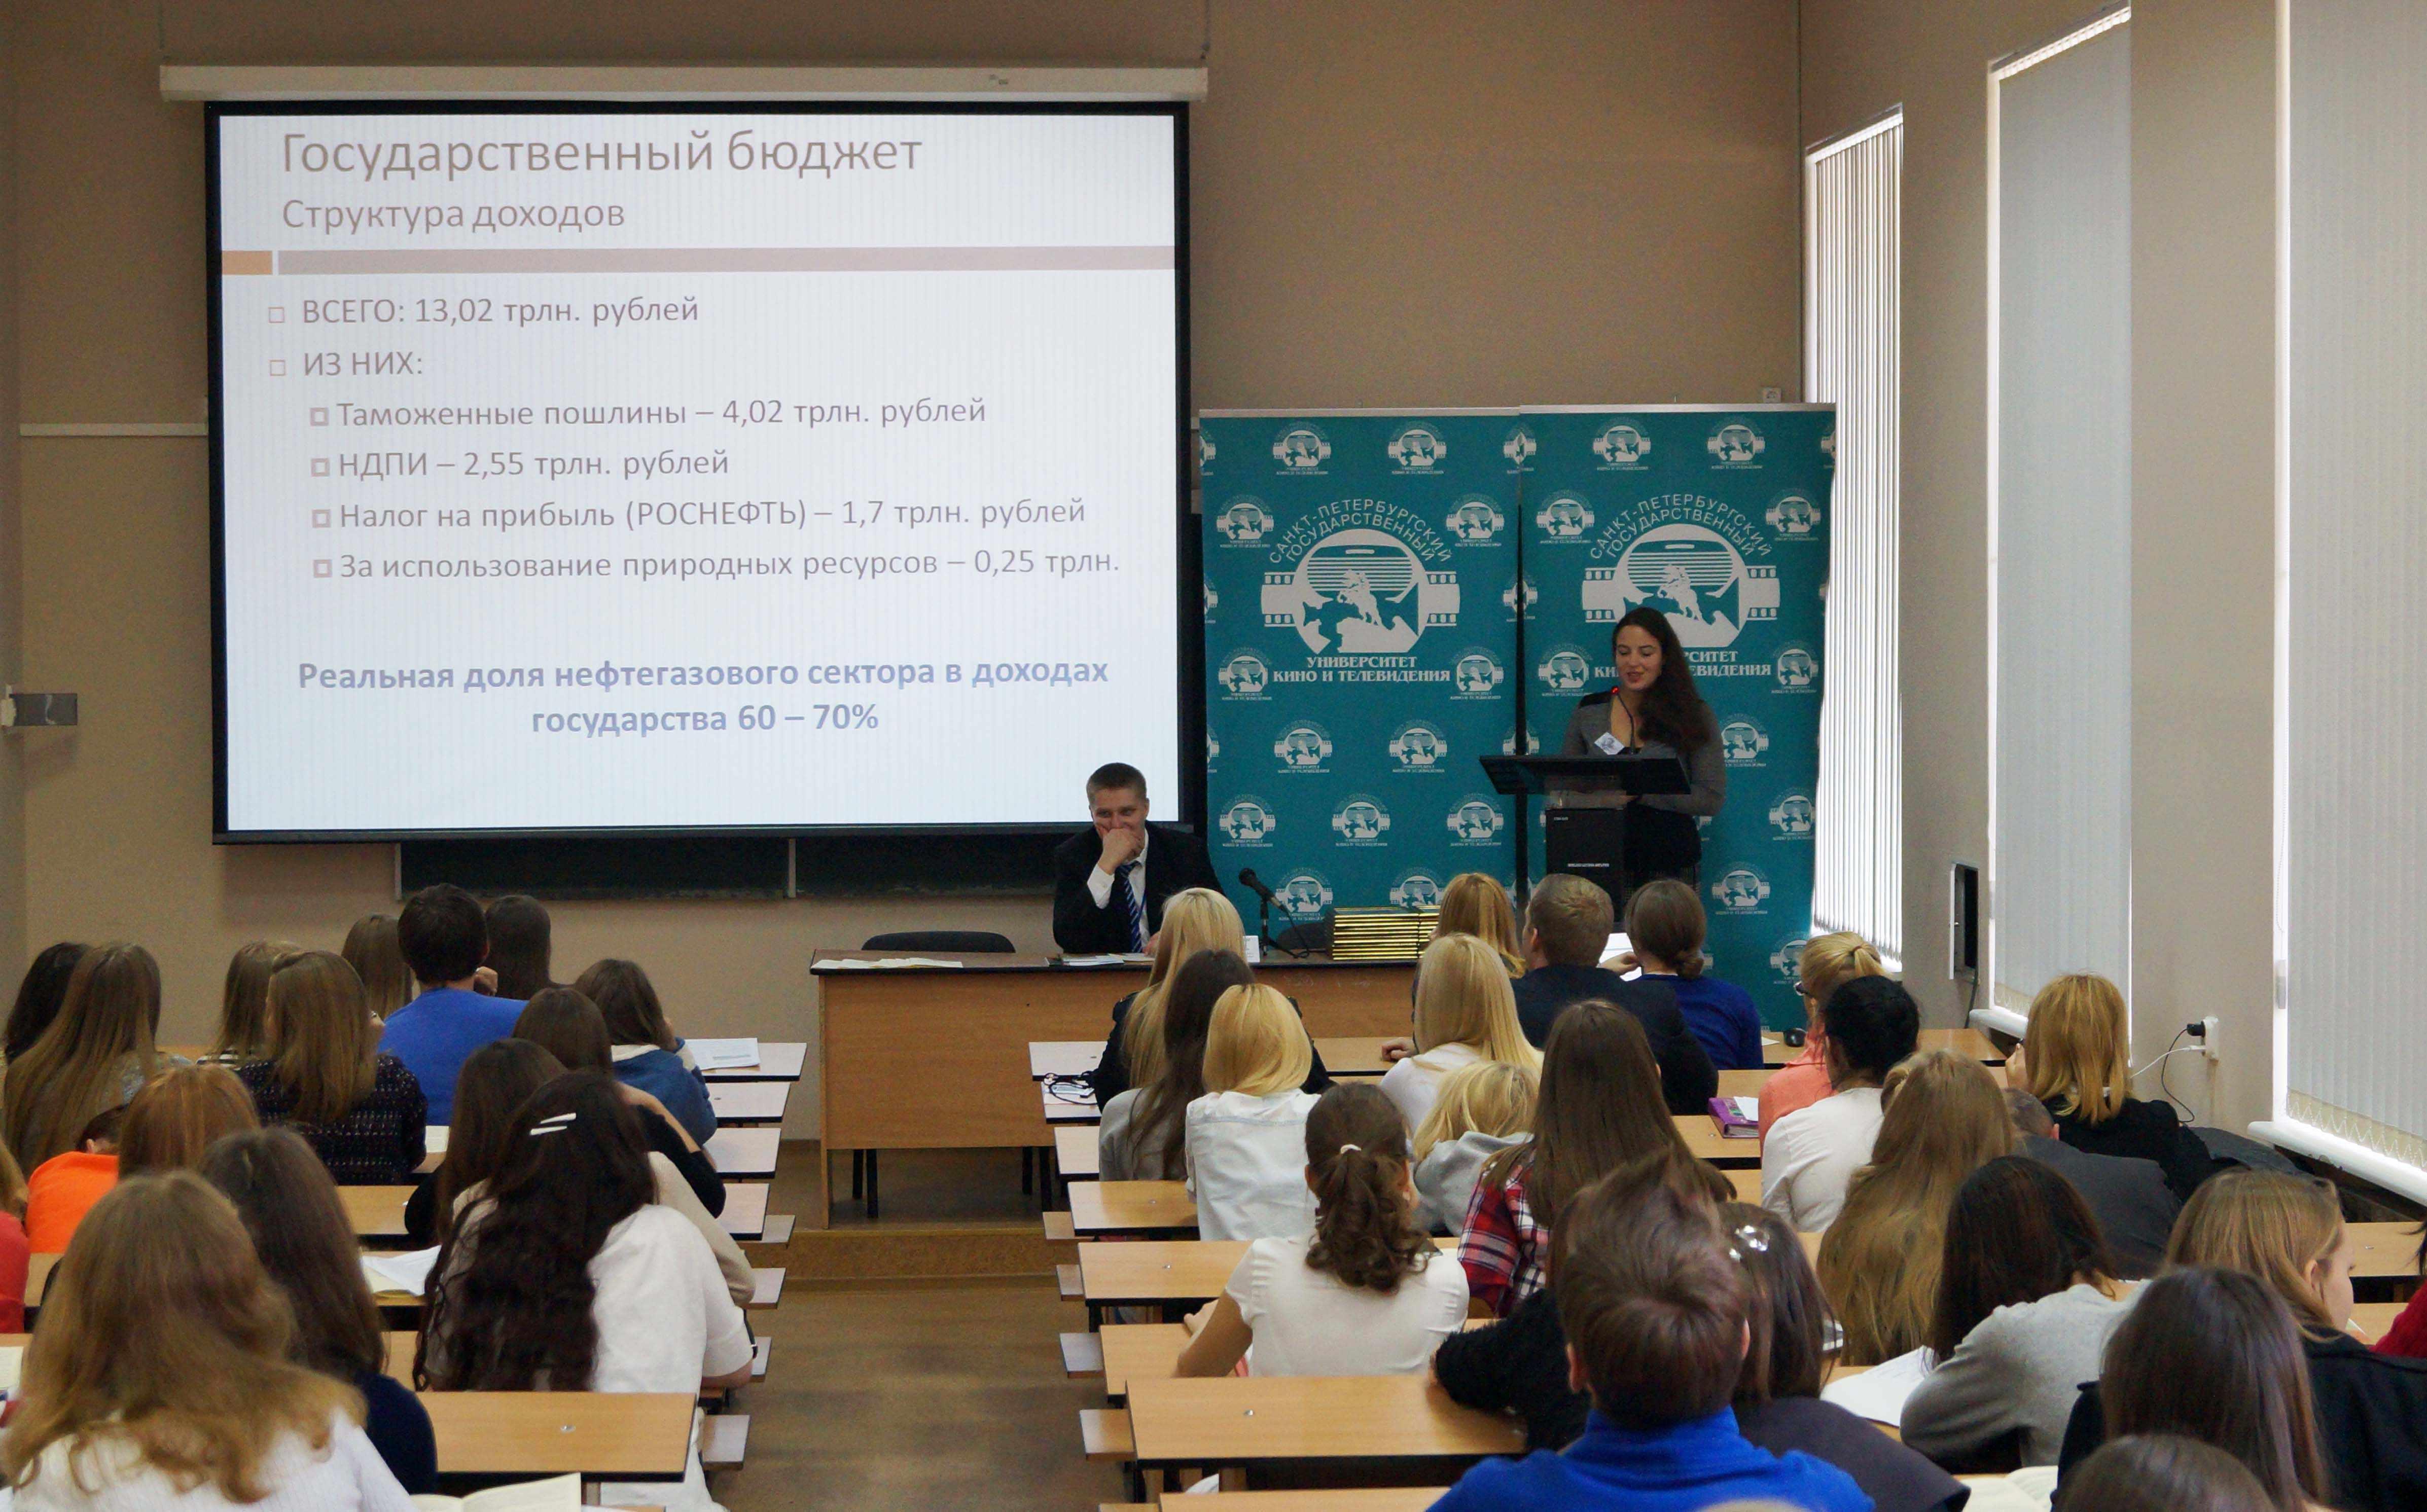 Обучение в Санкт-Петербургском государственном университете